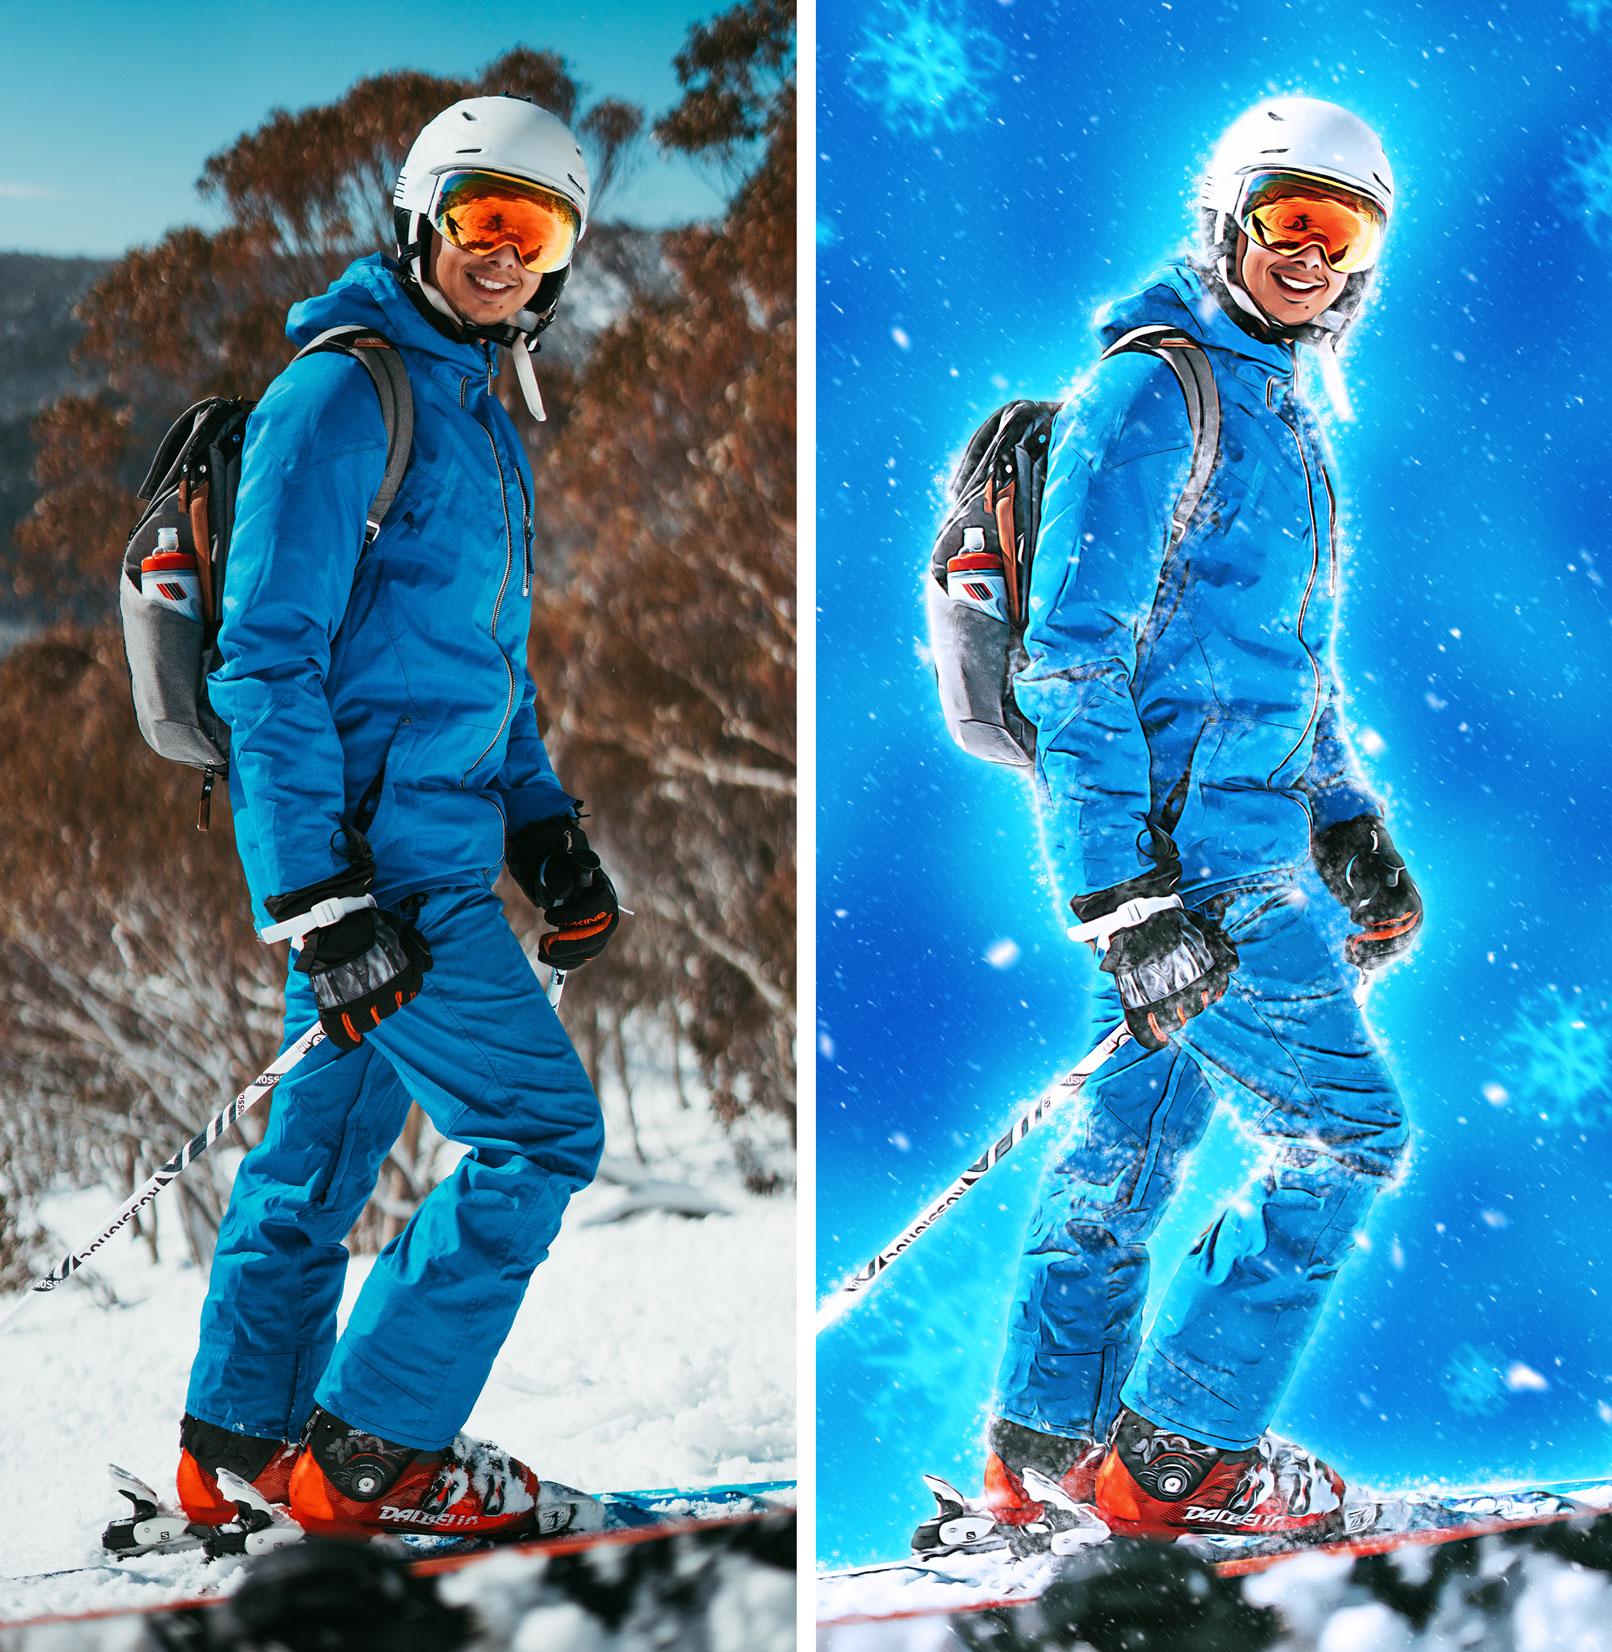 Skifahrer in Winterlandschaft, bearbeitet mit der Photoshop-Aktion Schneezauber vor Ölfarbigkeit